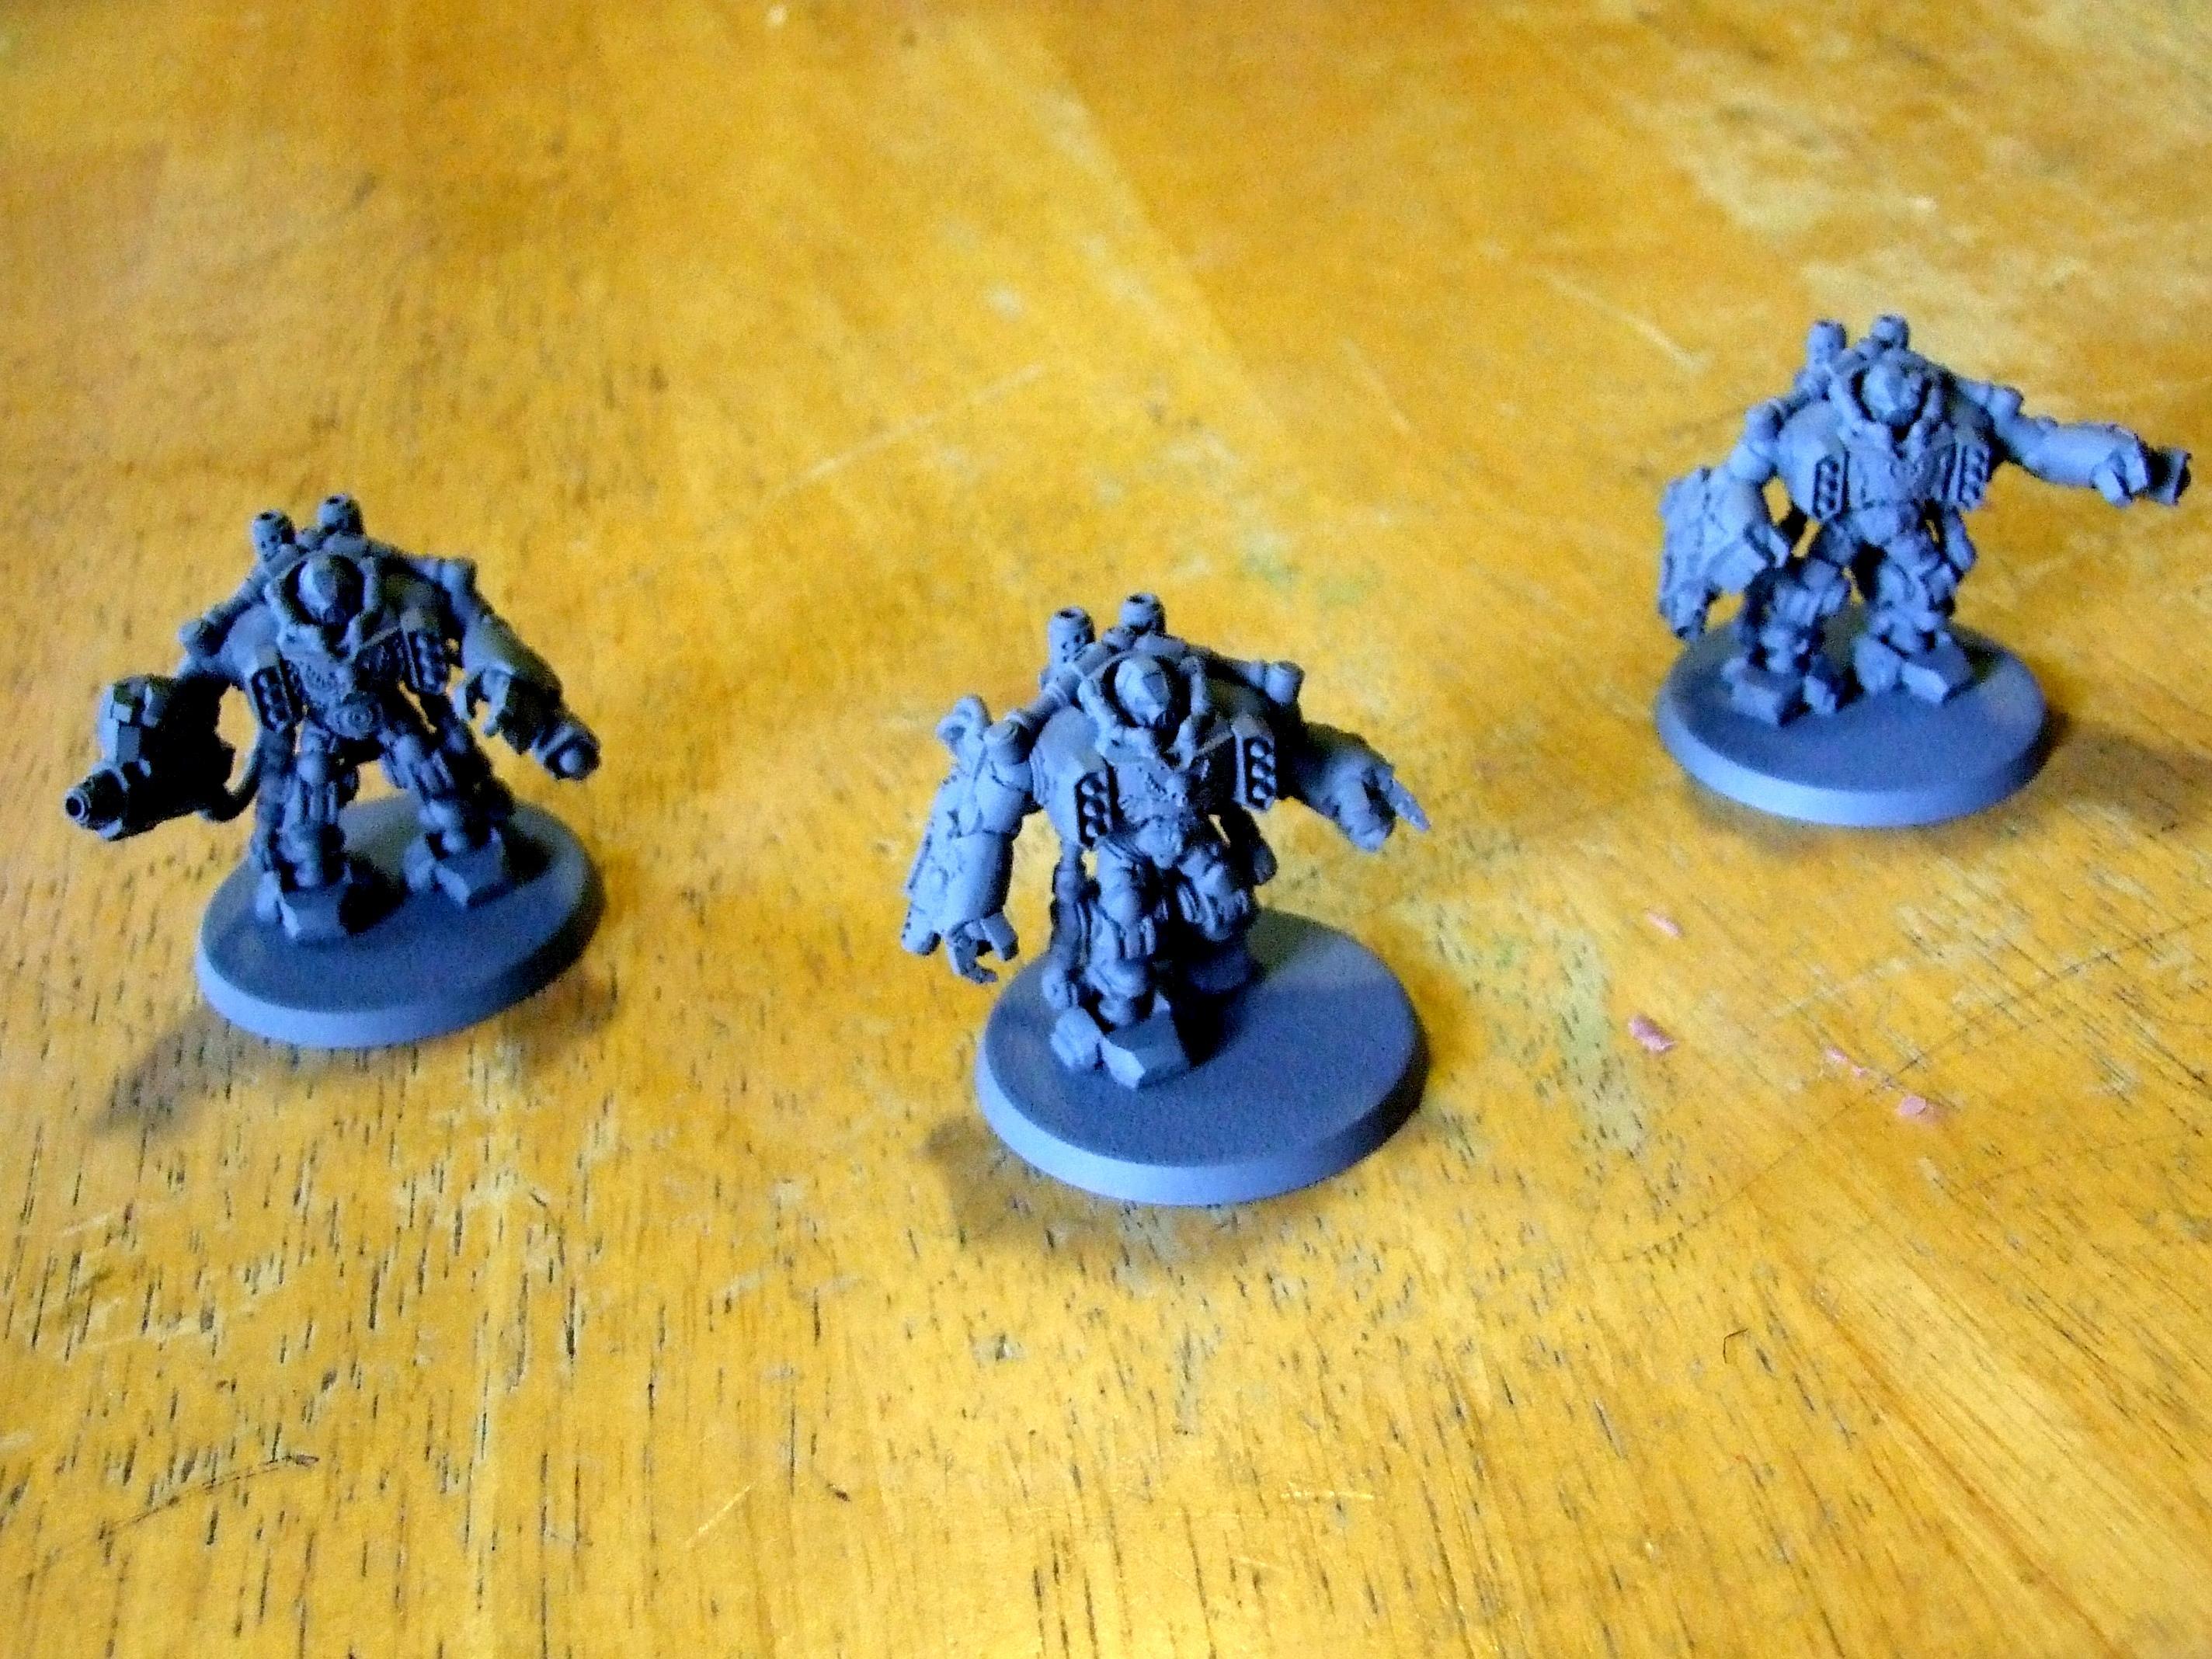 Bare-Bones Space Marine Centurions